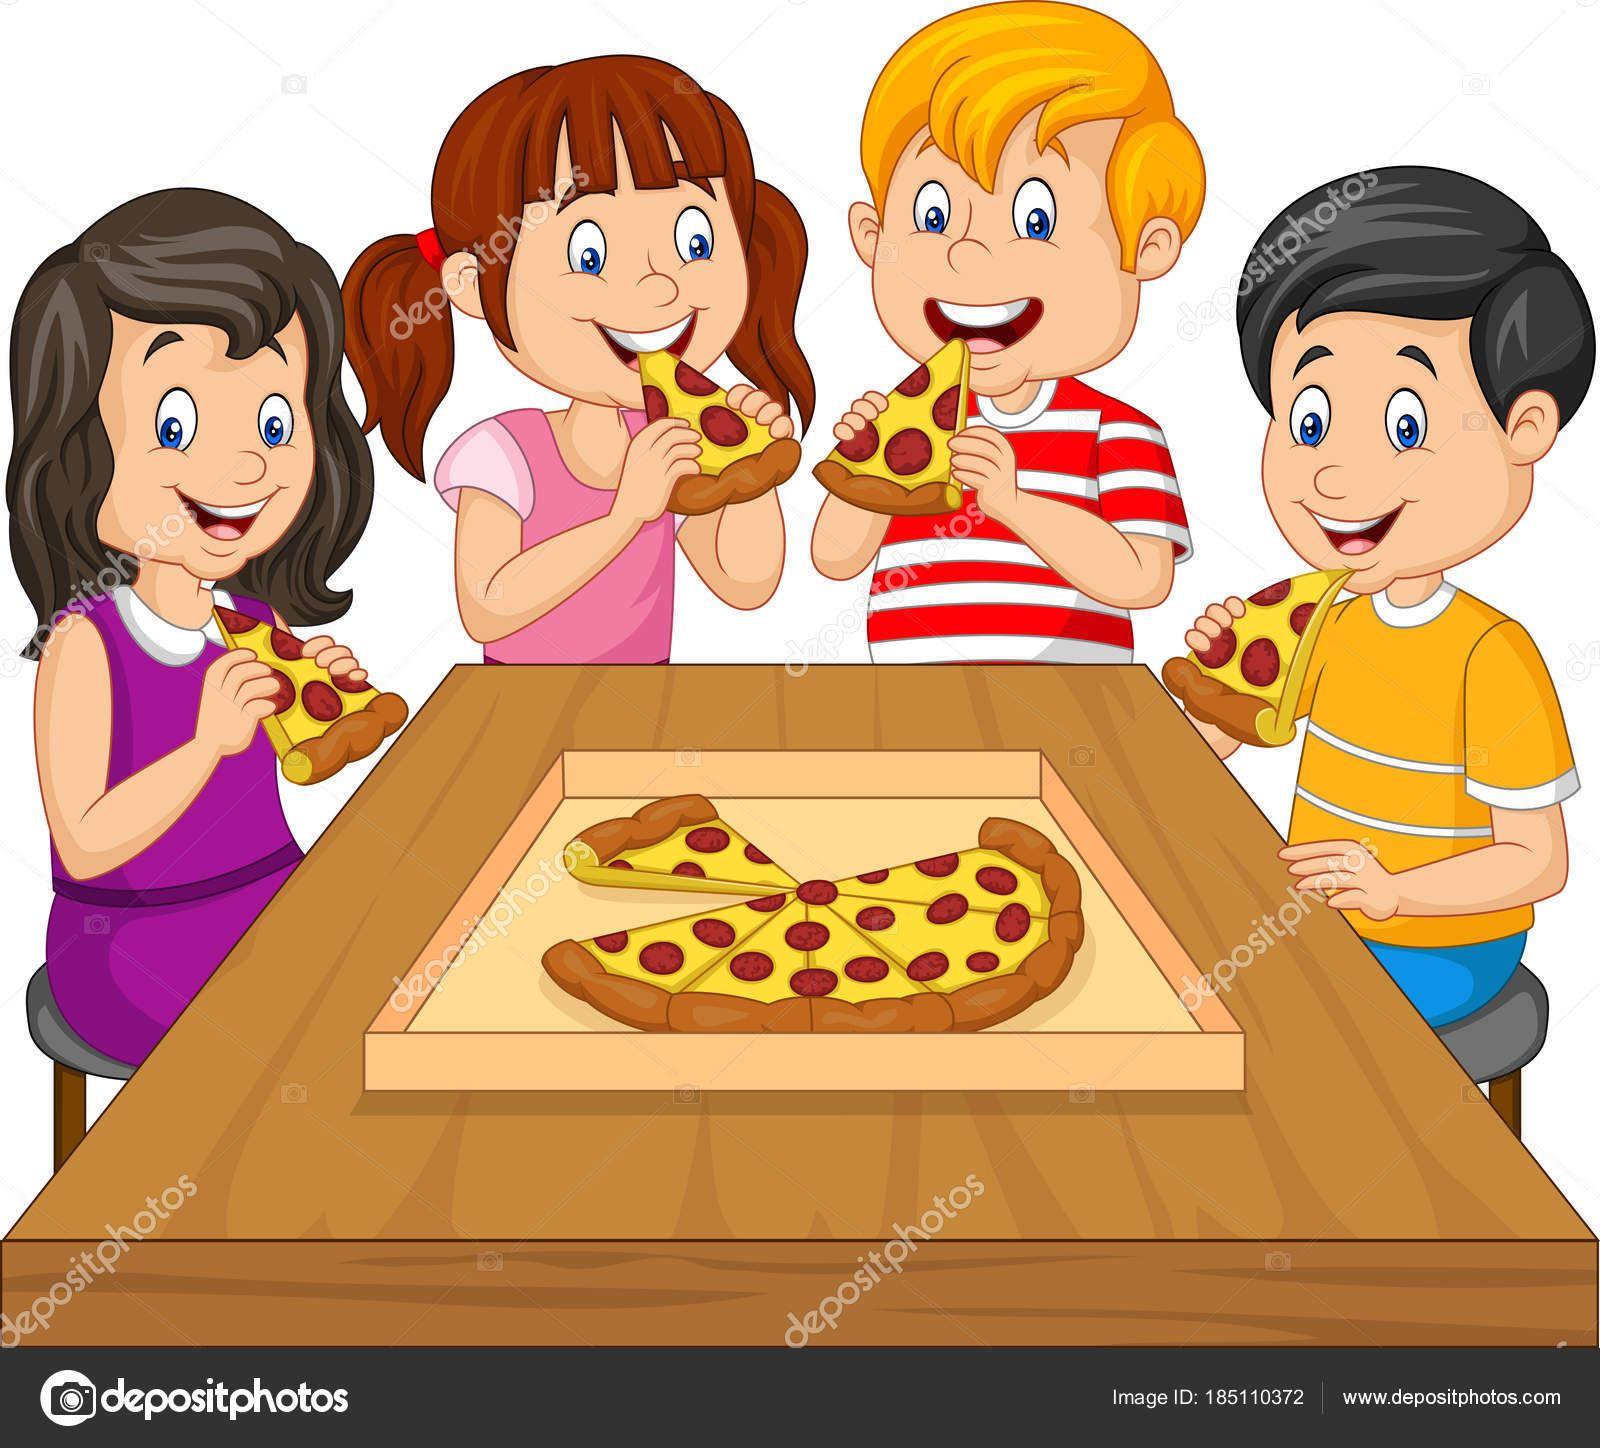 Descargar Ninos Dibujos Animados Comiendo Pizza Juntos Ilustracion De Stock Ninos Comiendo Animados Dibujos Para Ninos Como Dibujar Ninos